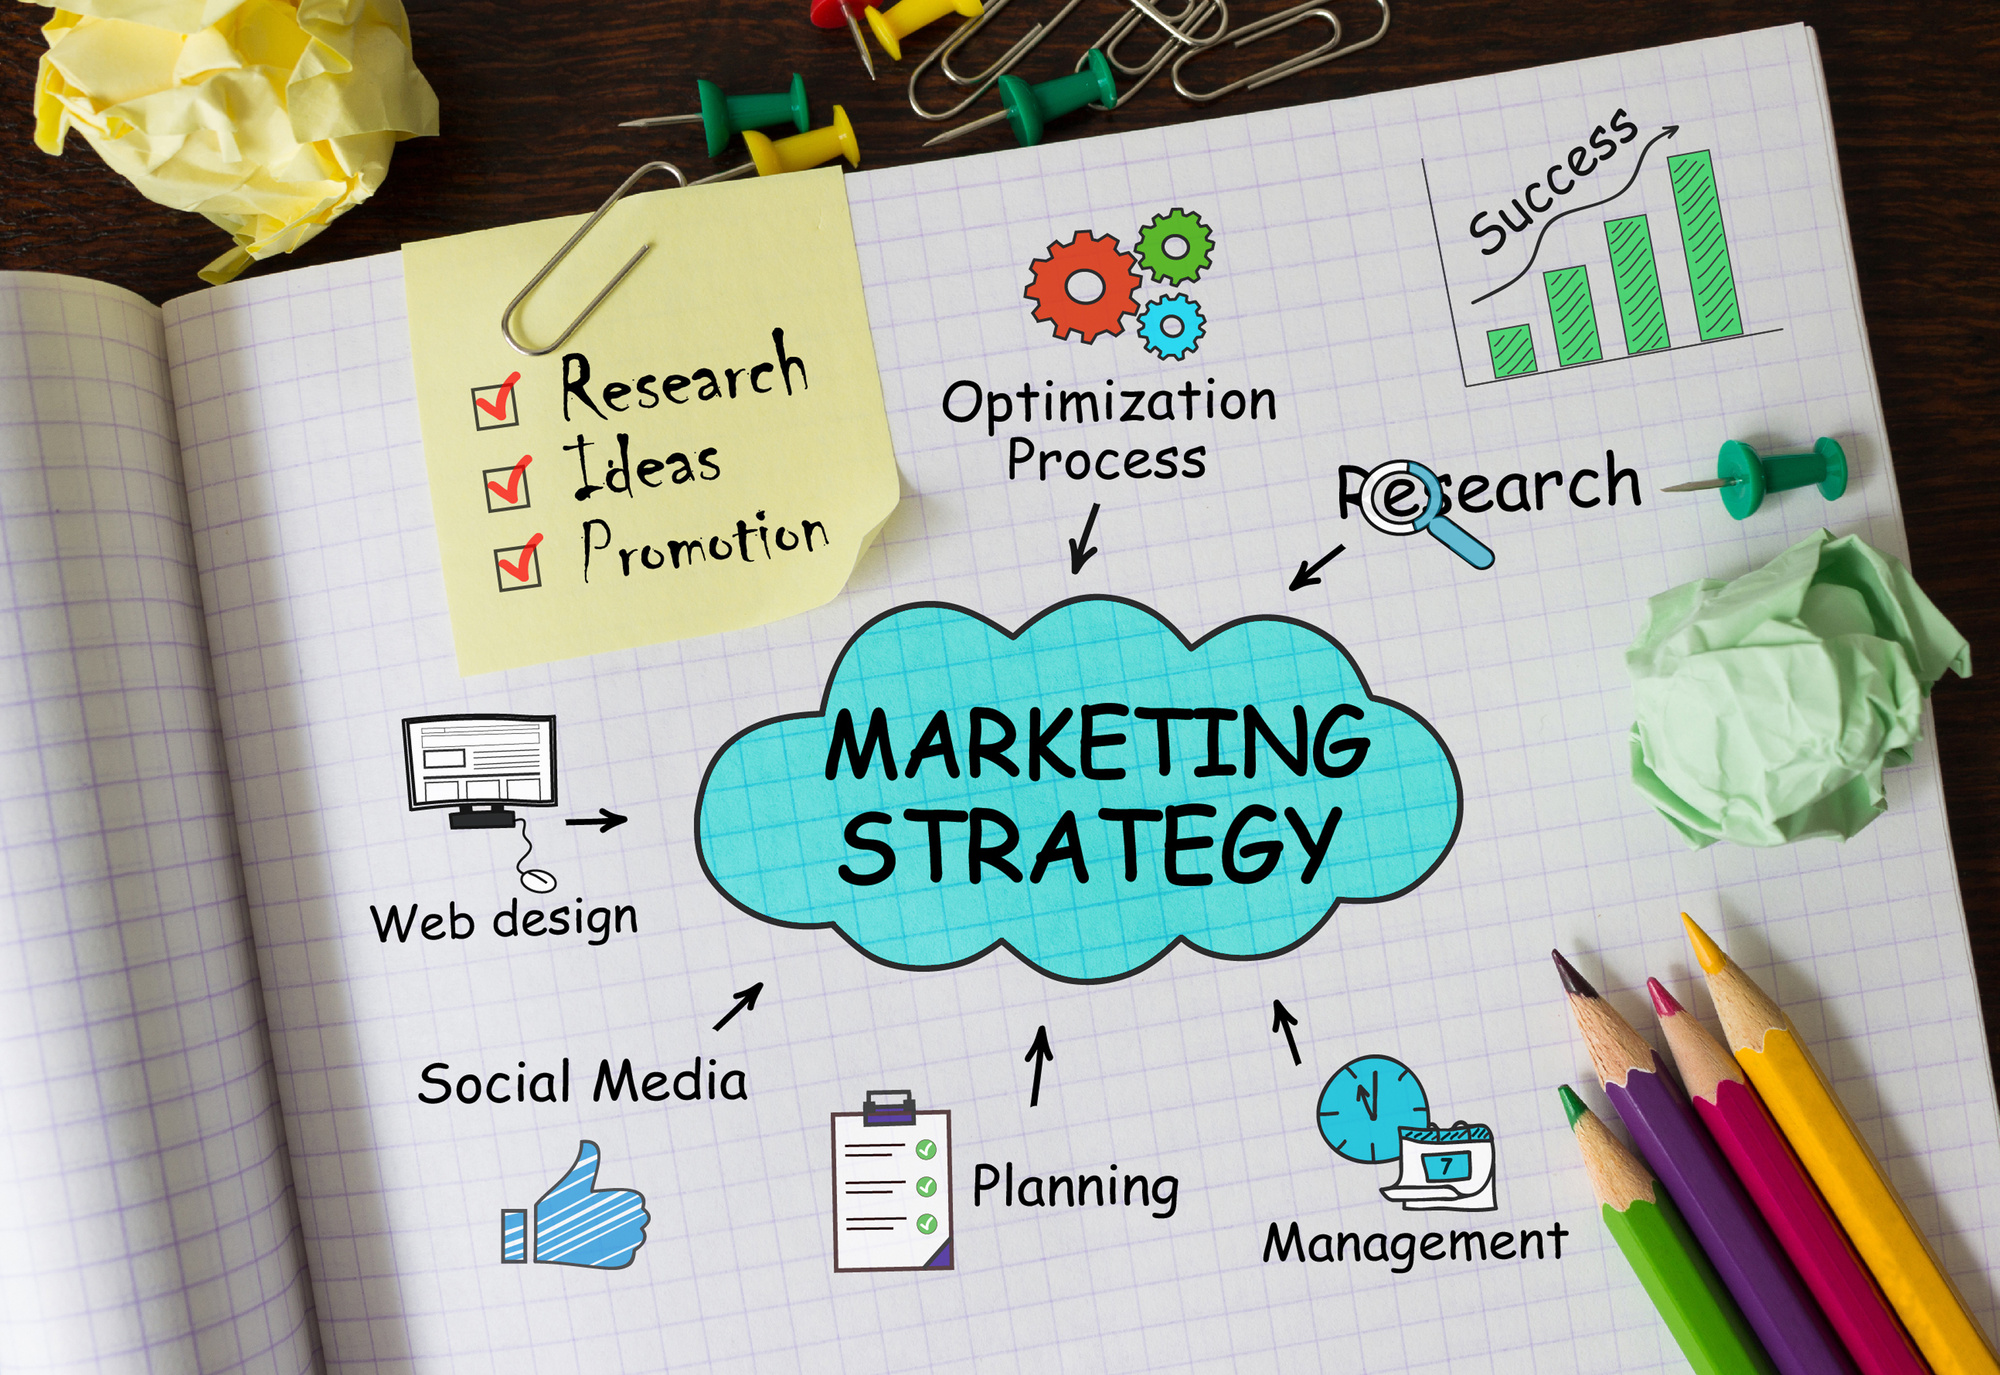 Marketing Agency Elements Visualized